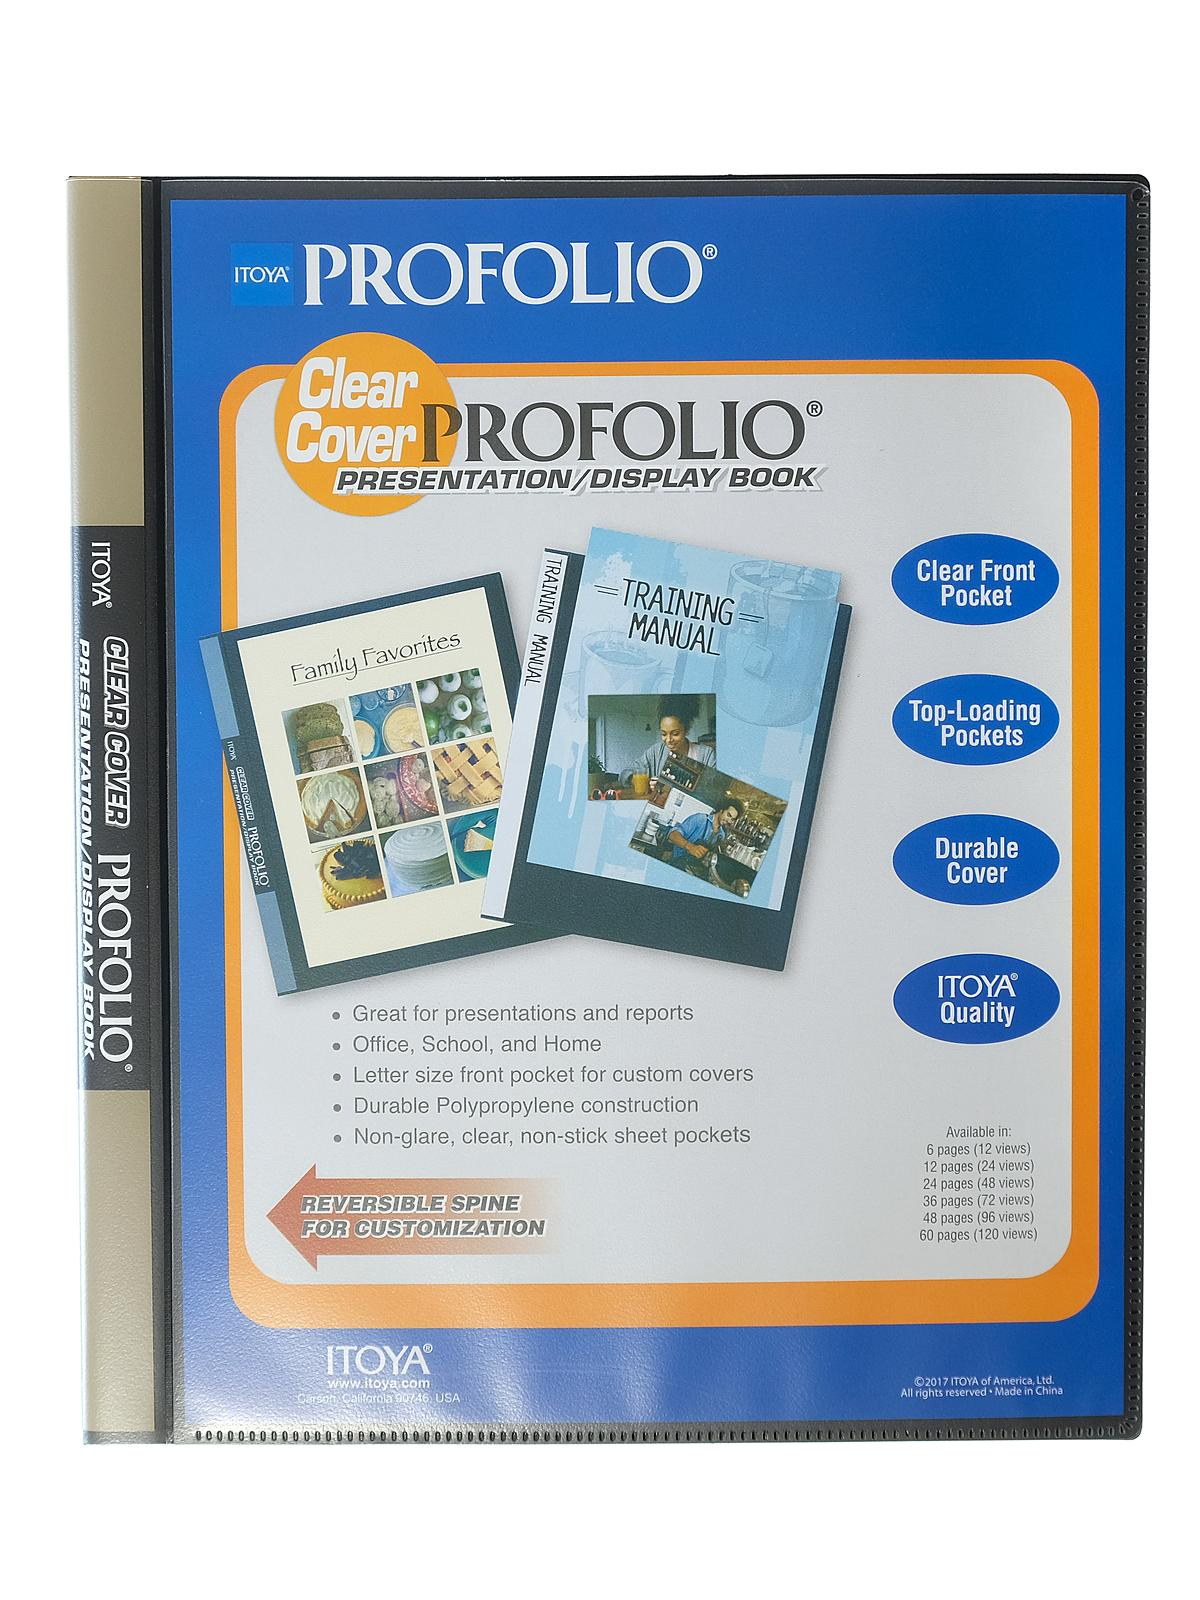 Clear Cover Profolio Presentation Books